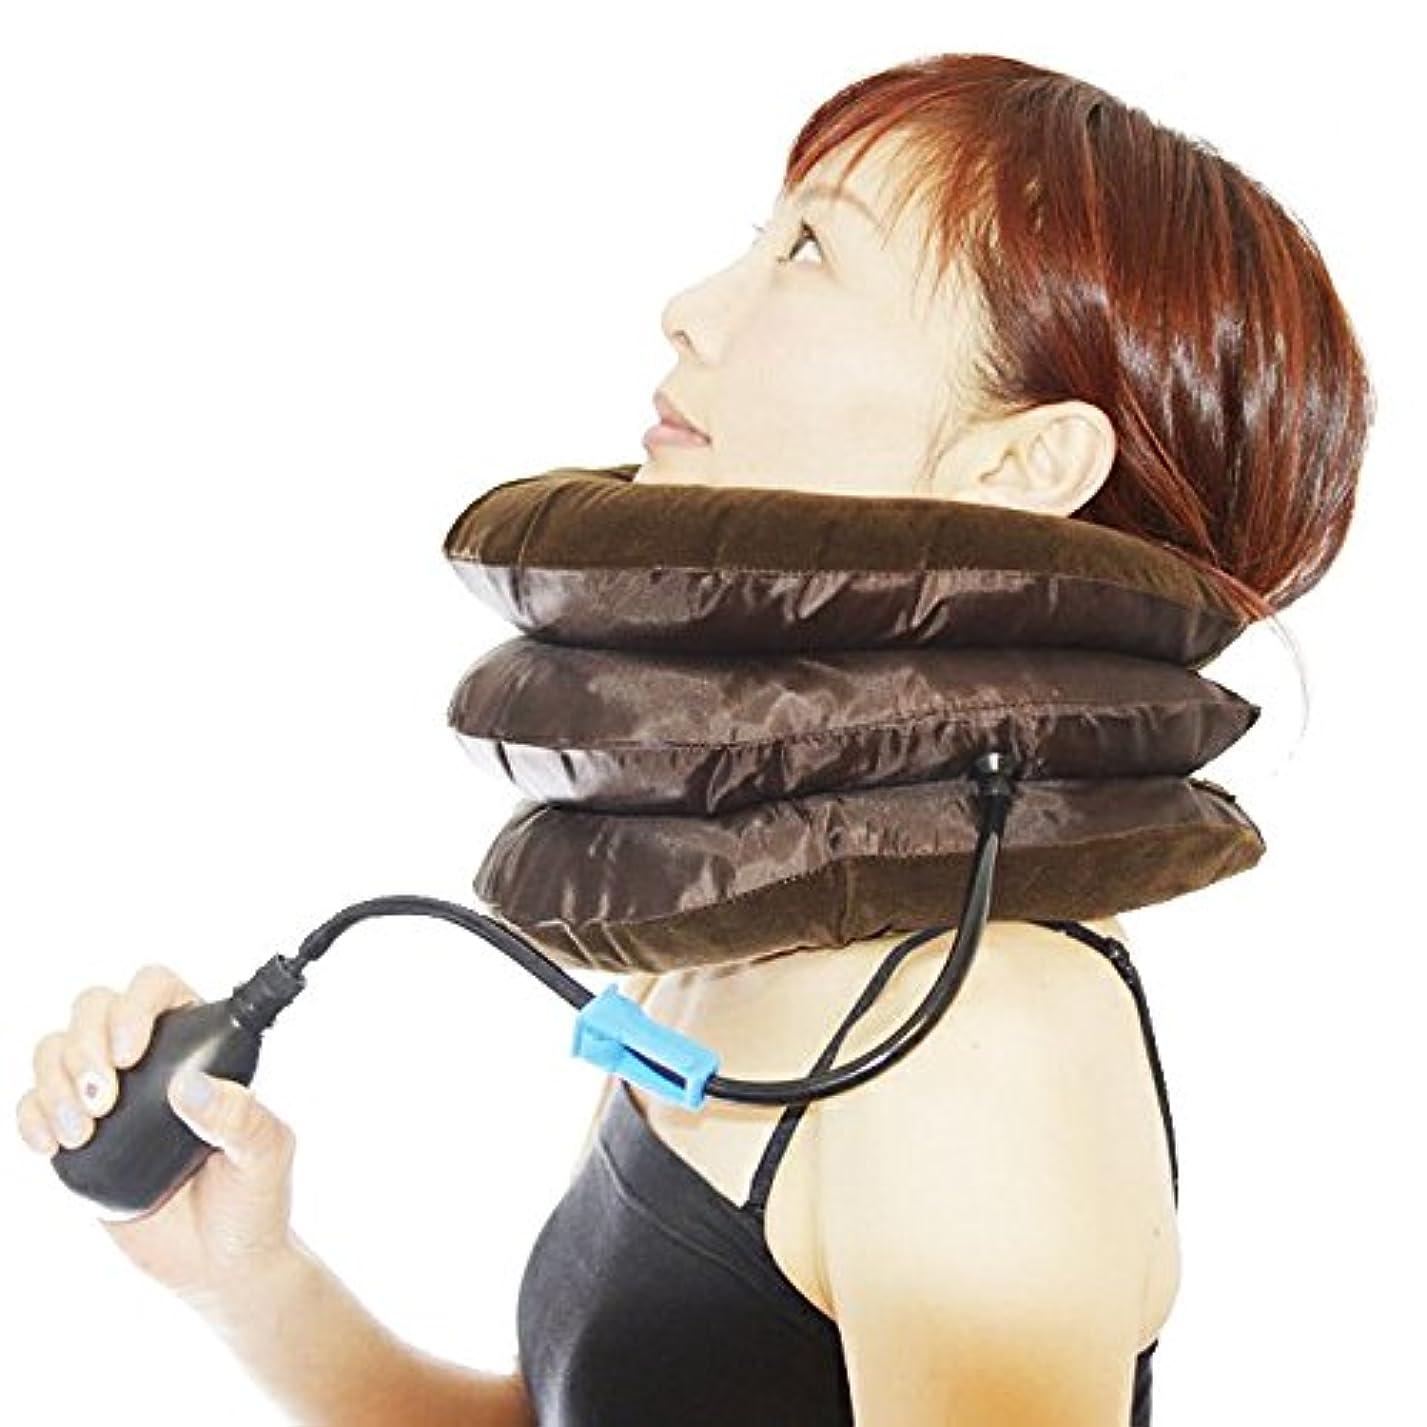 補足宿題指標ネックサポーター ネックストレッチャー 首枕 首伸ばし